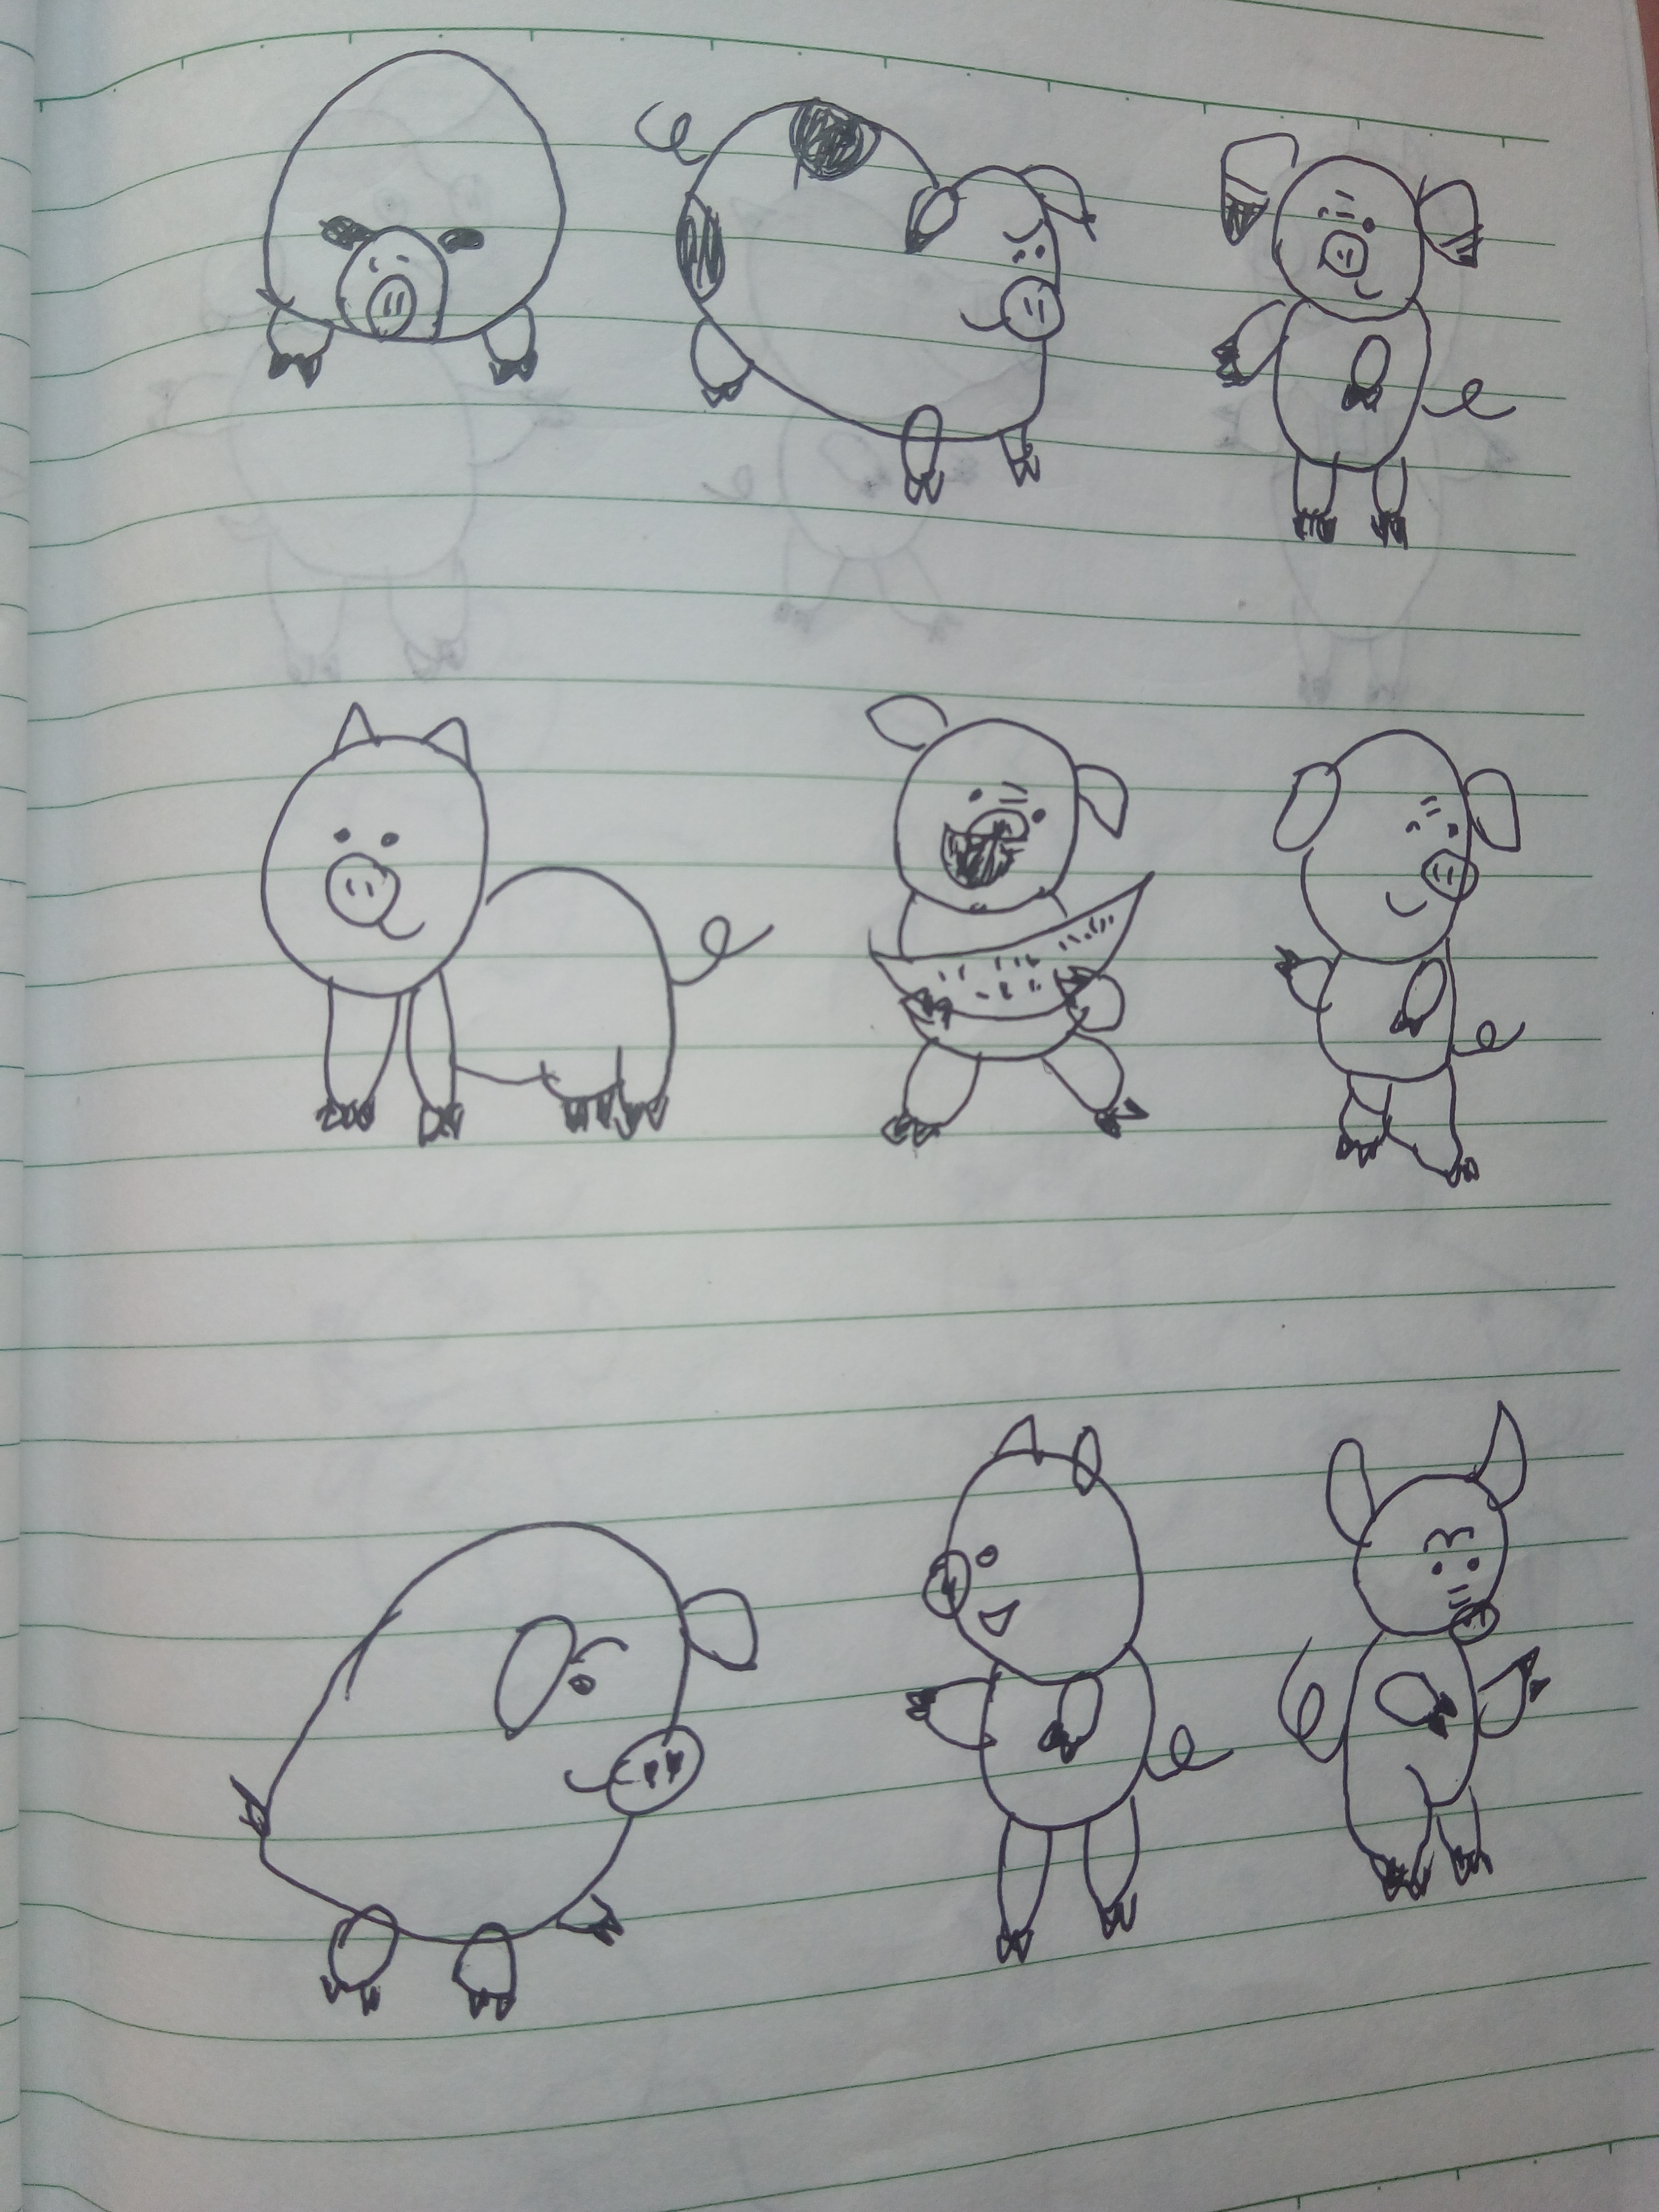 简笔画 宝贝猪你元旦快乐,猪猪们来了